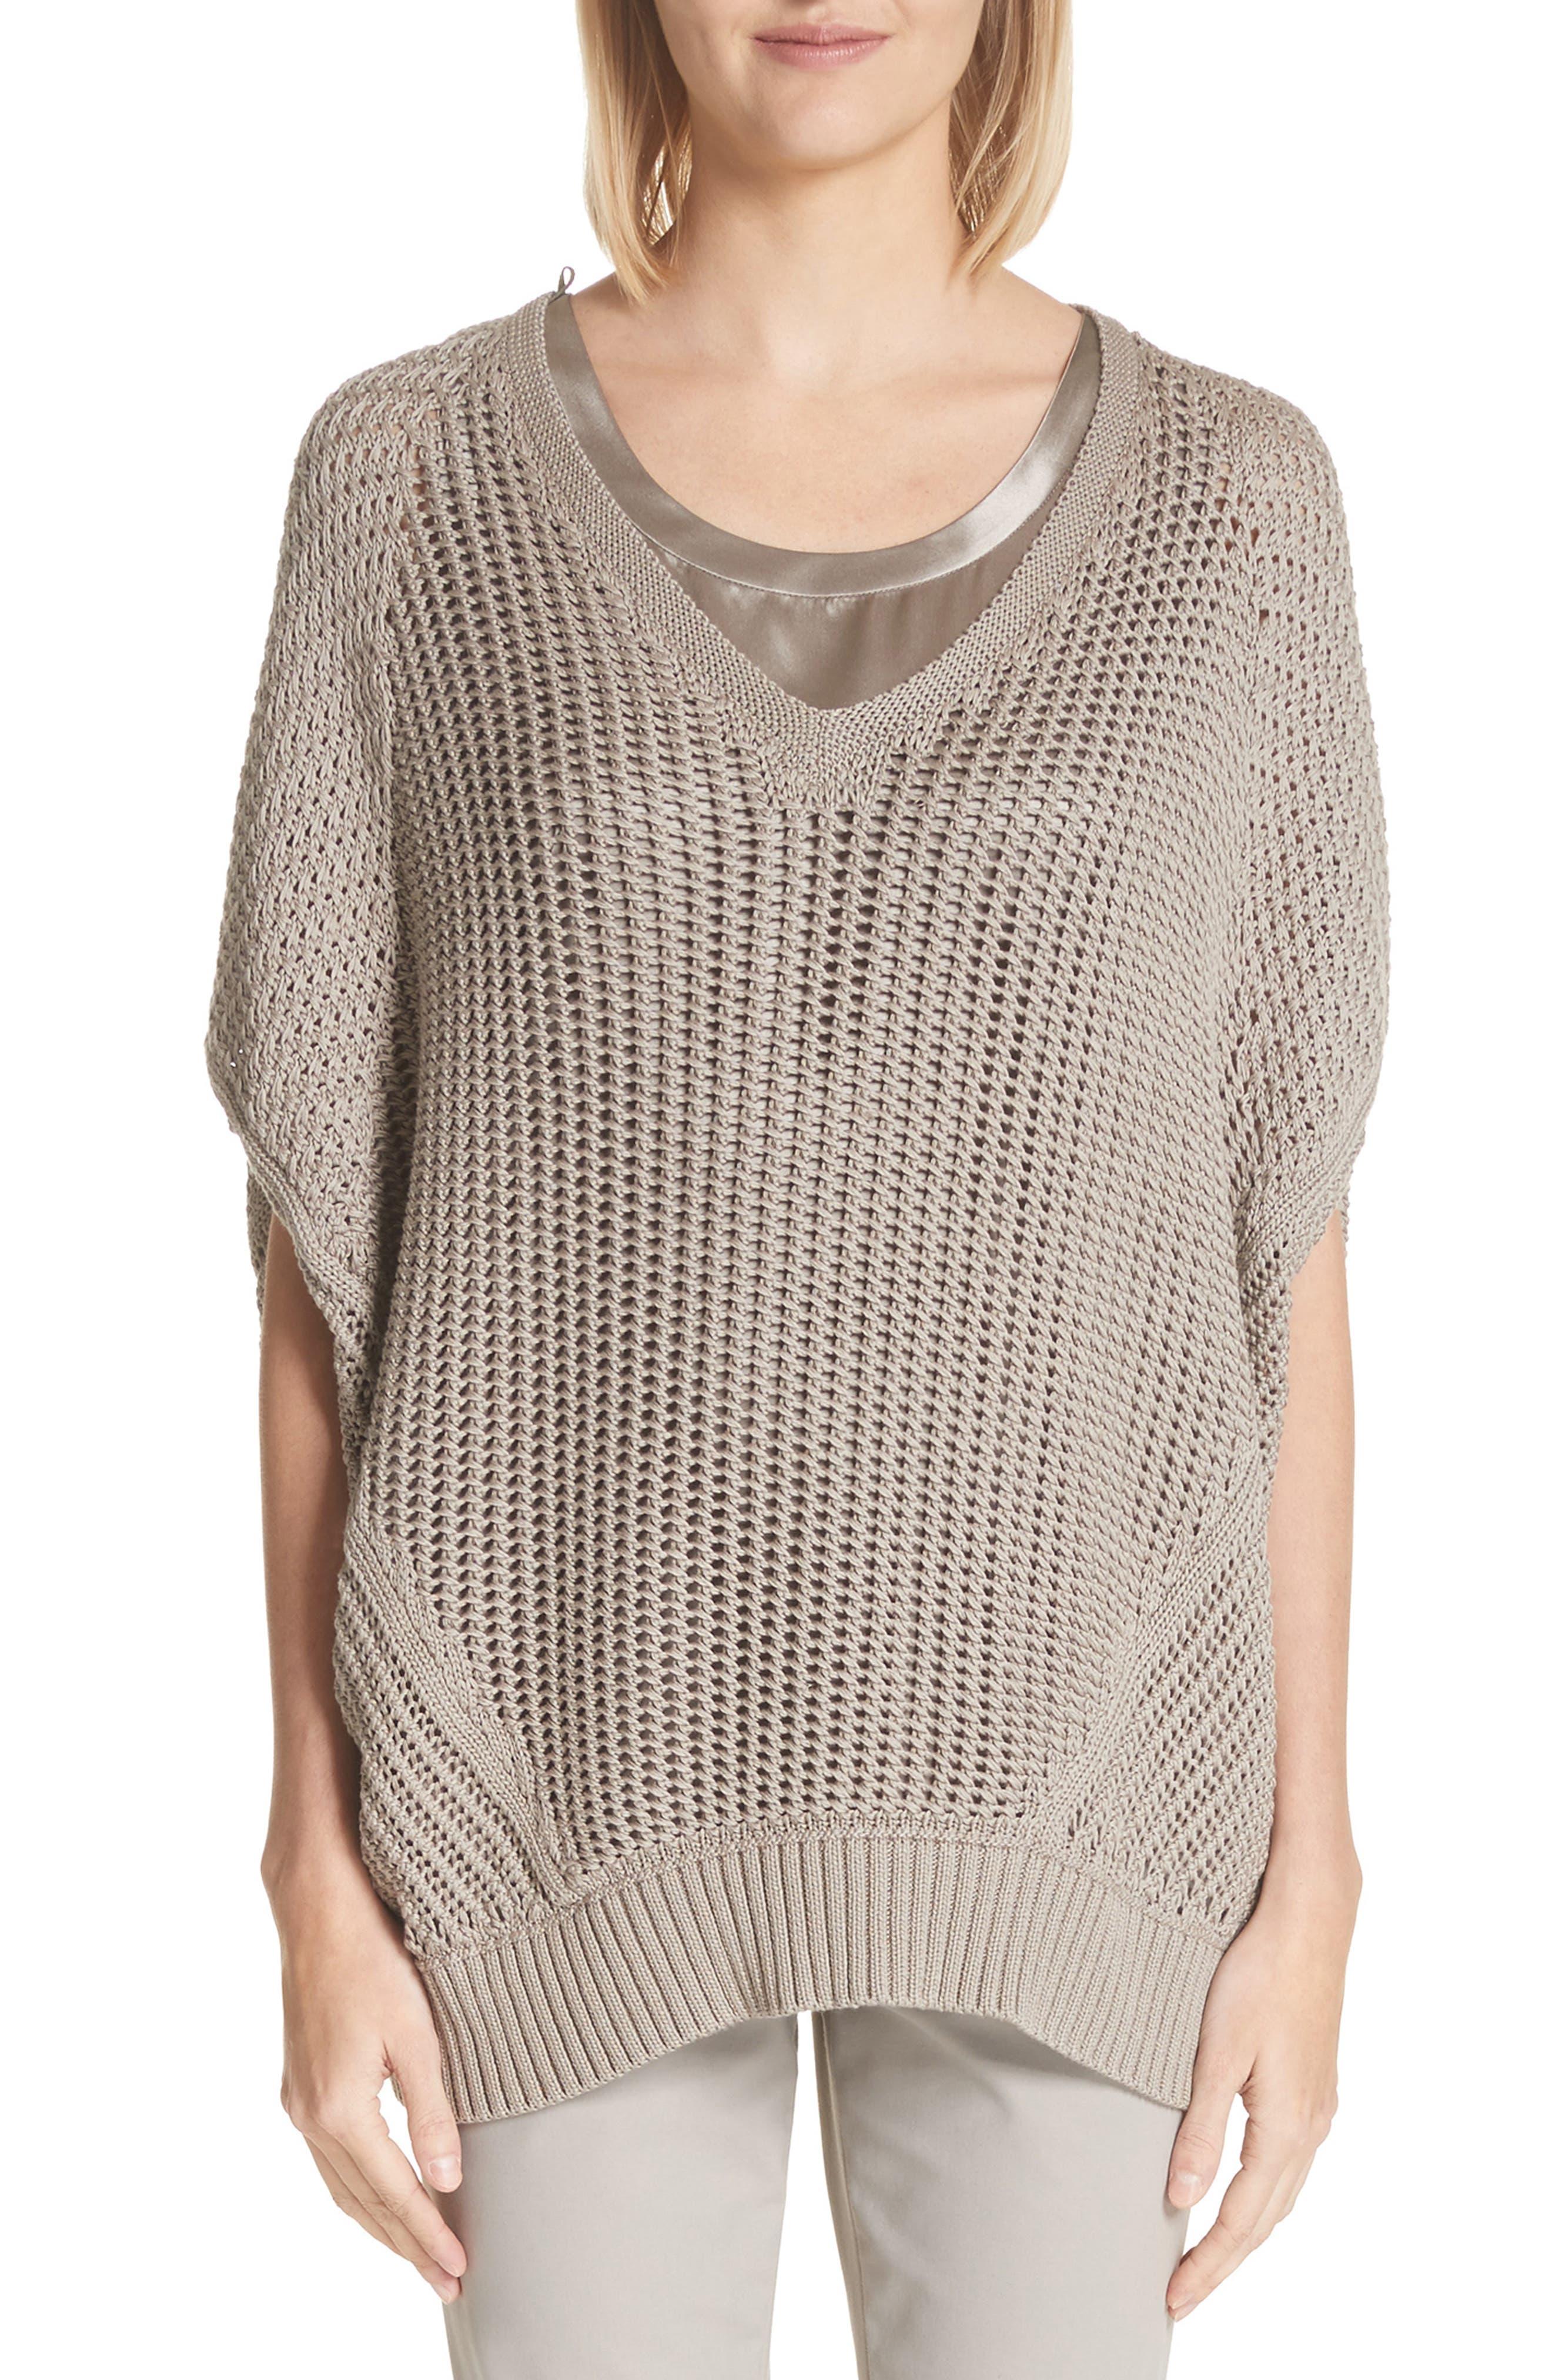 Lafayette 148 New York Mixed Stitch Cotton & Silk Sweater